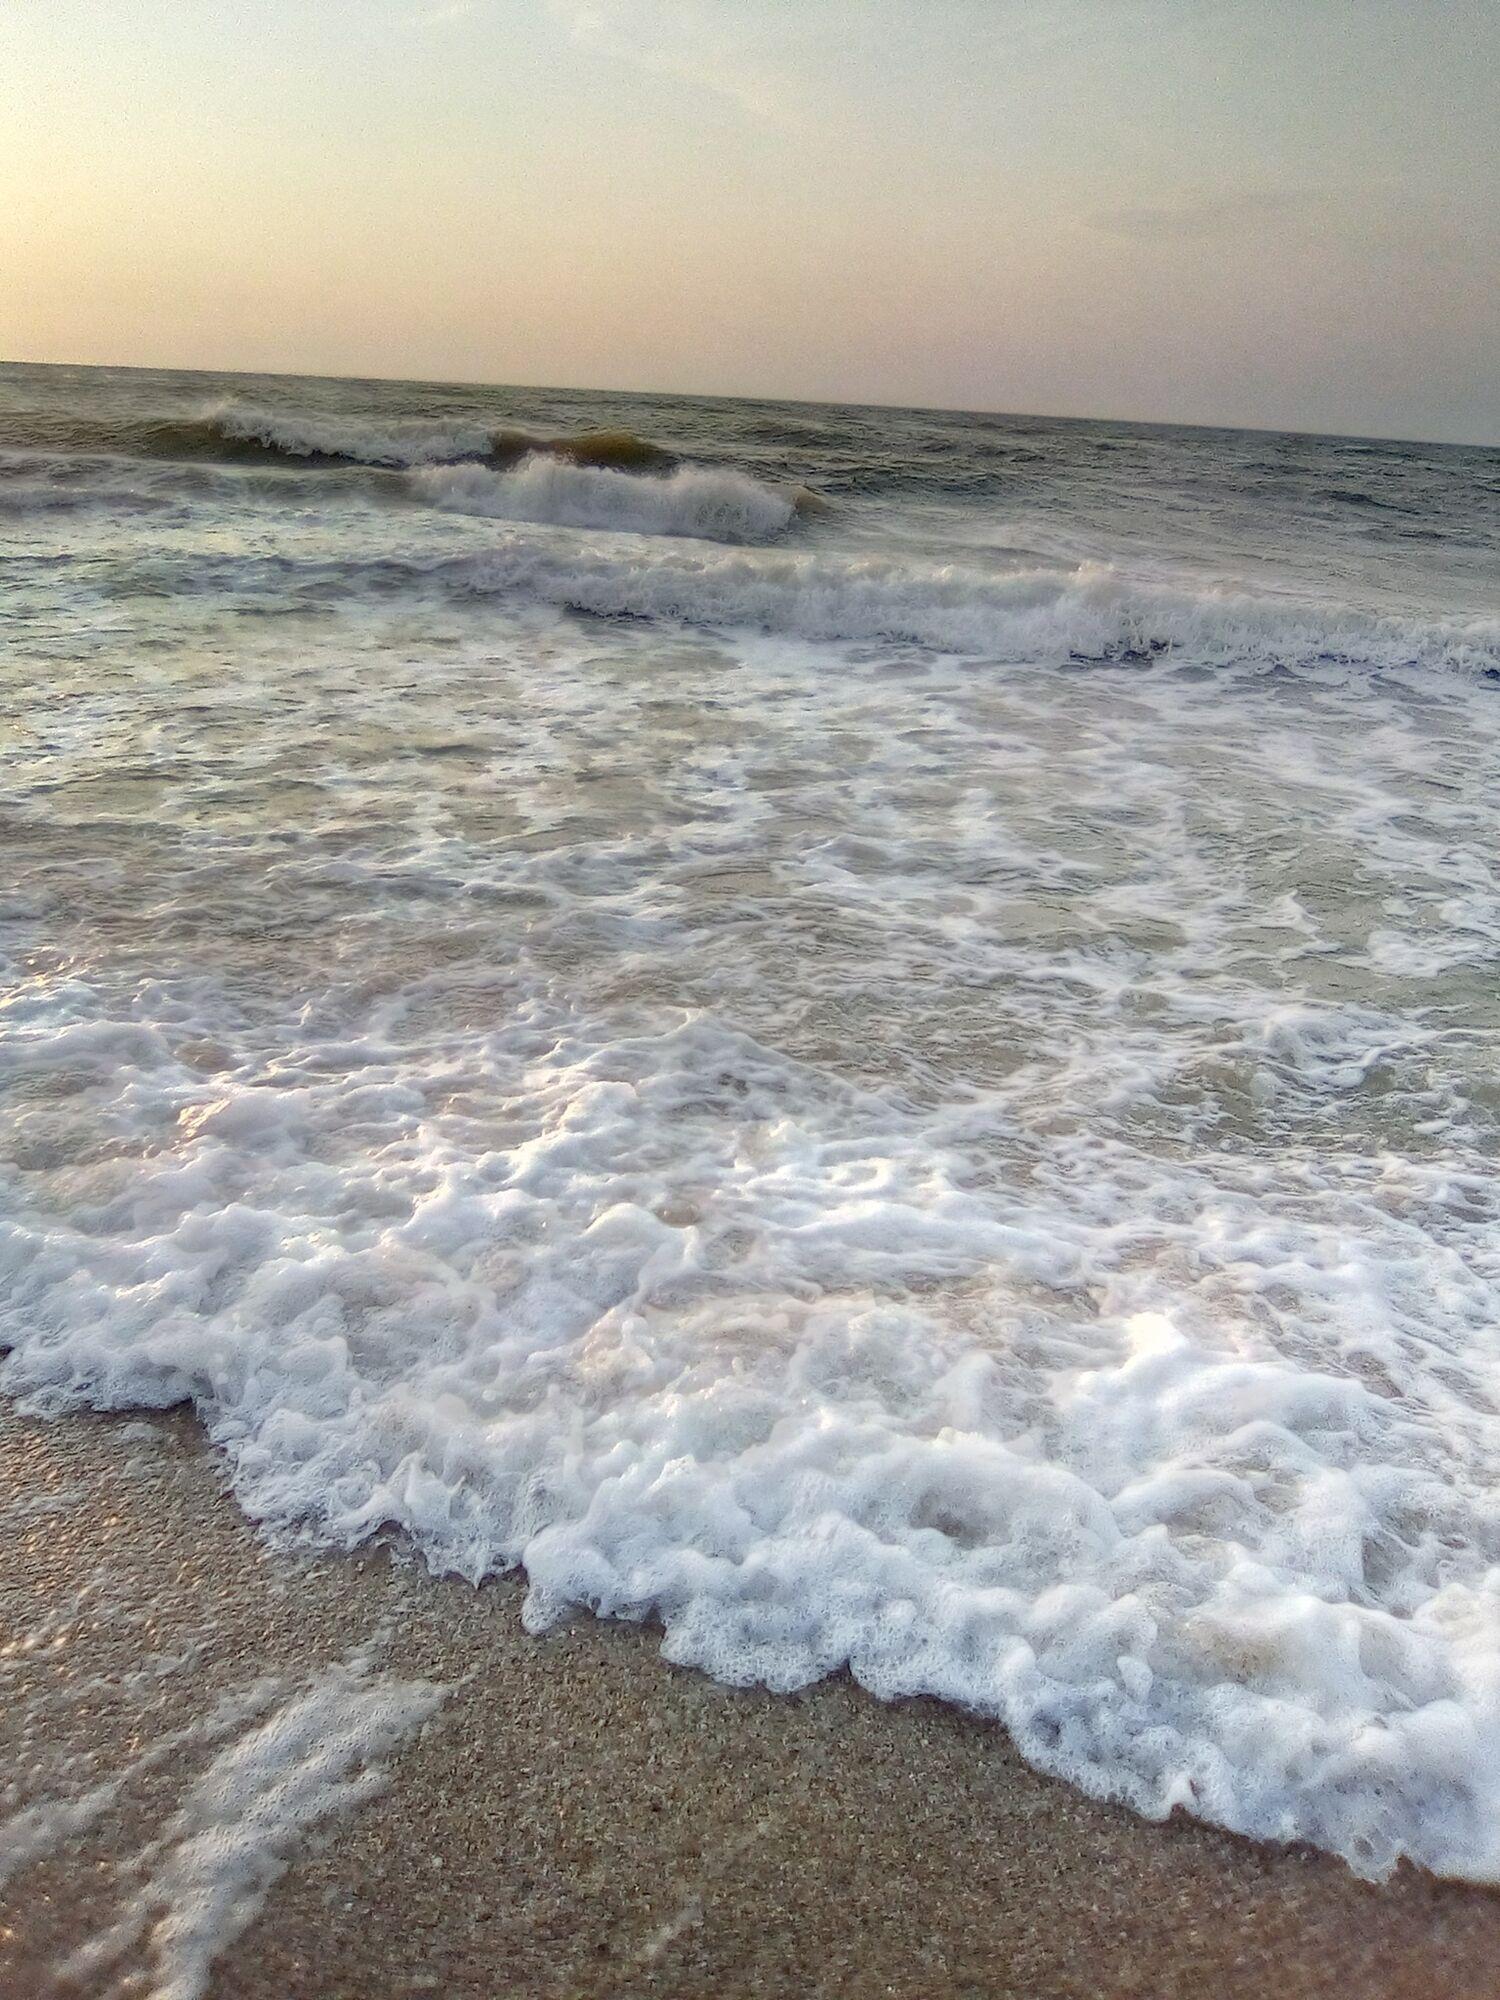 Туристы показали в сети штормовое море.